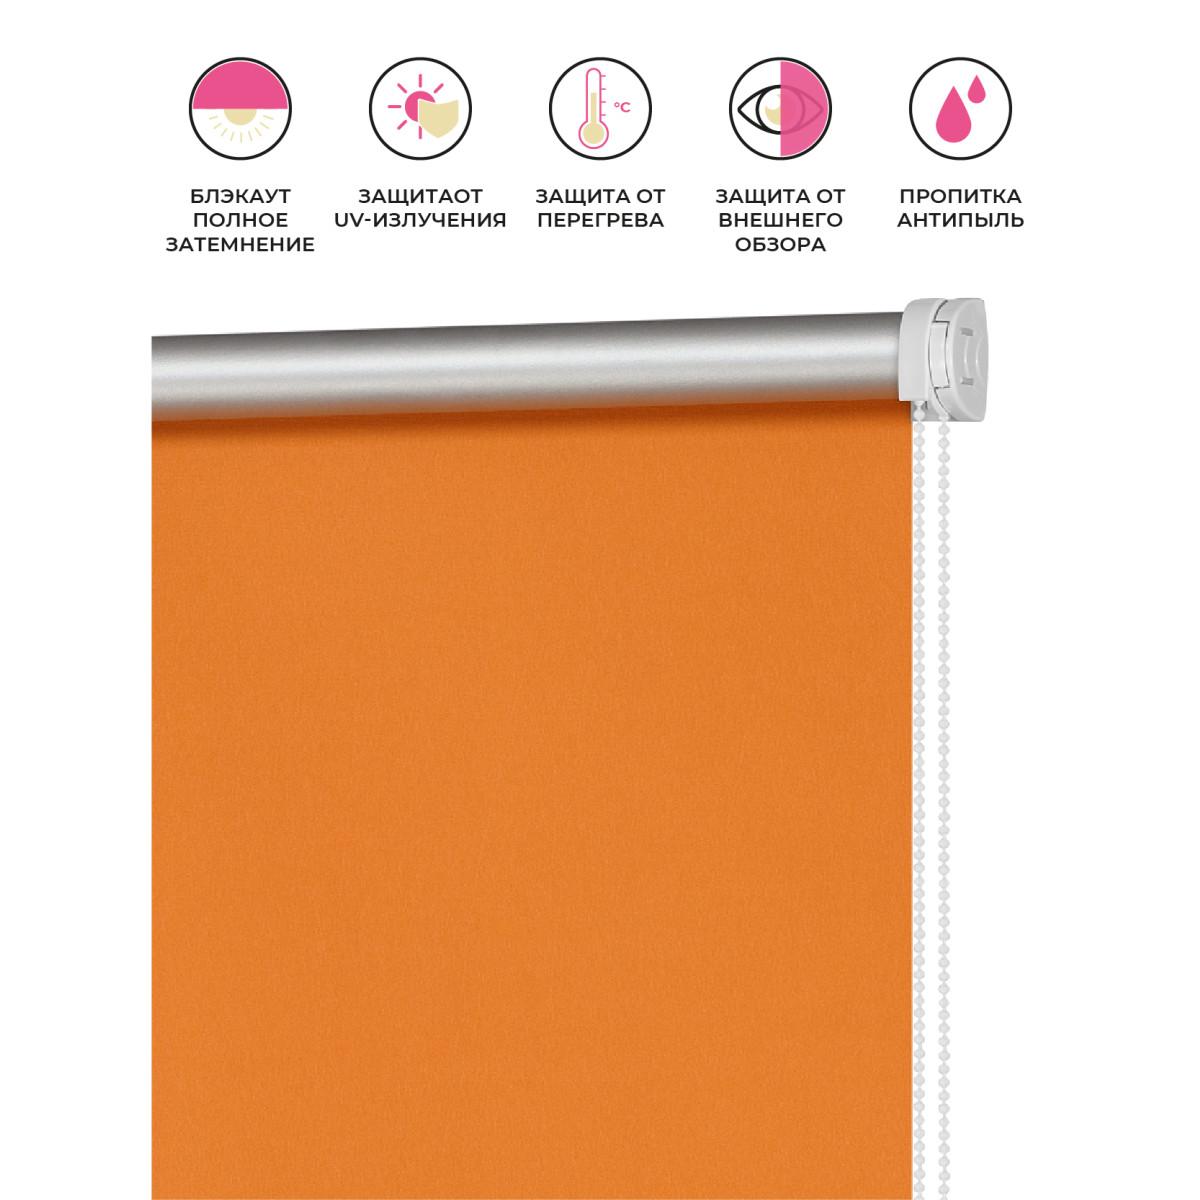 Рулонная Ора Decofest Блэкаут Плайн 70Х160 Цвет Оранжевый